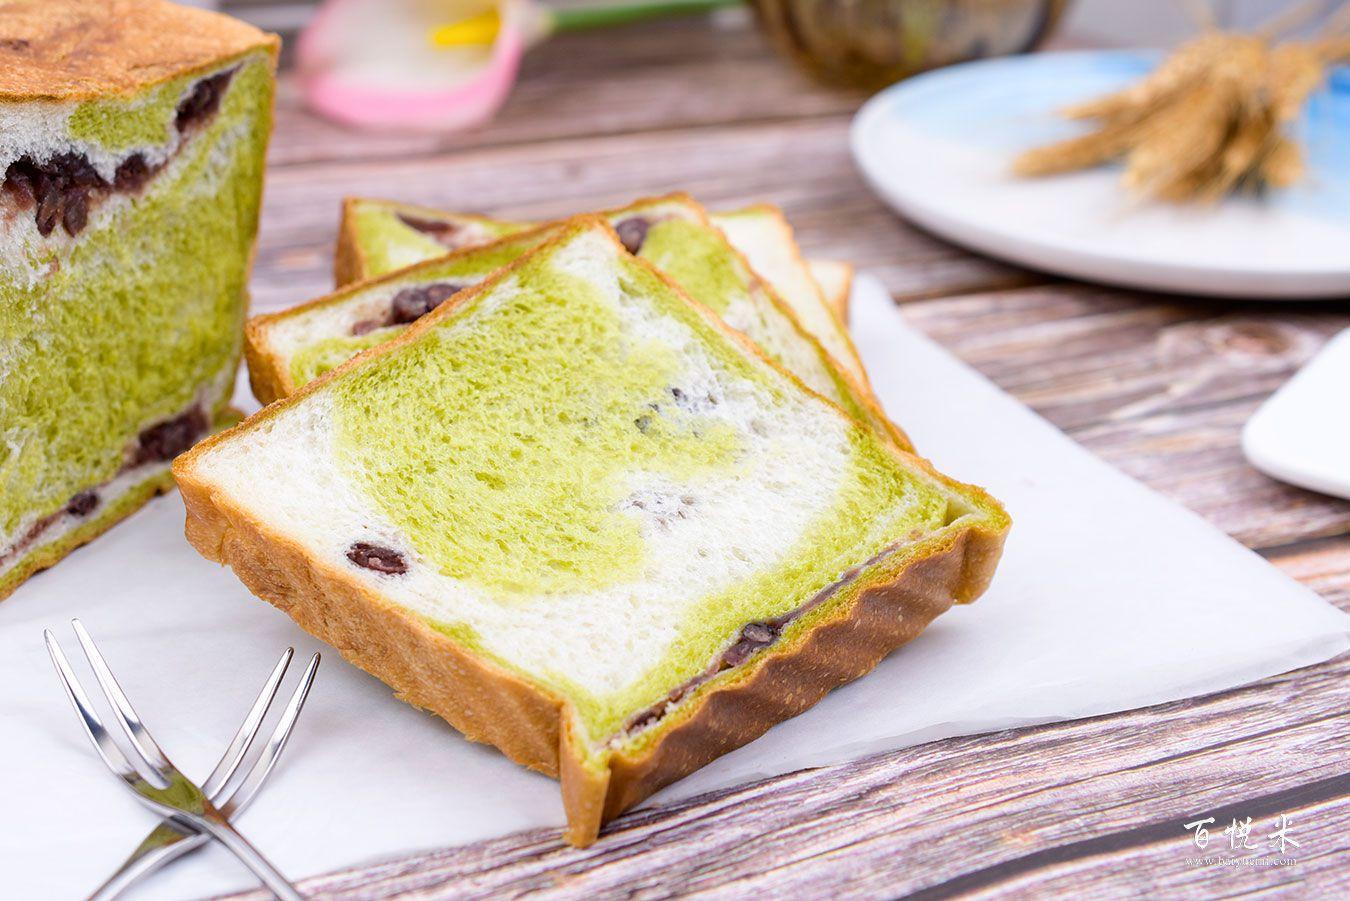 抹茶红豆吐司面包高清图片大全【蛋糕图片】_506